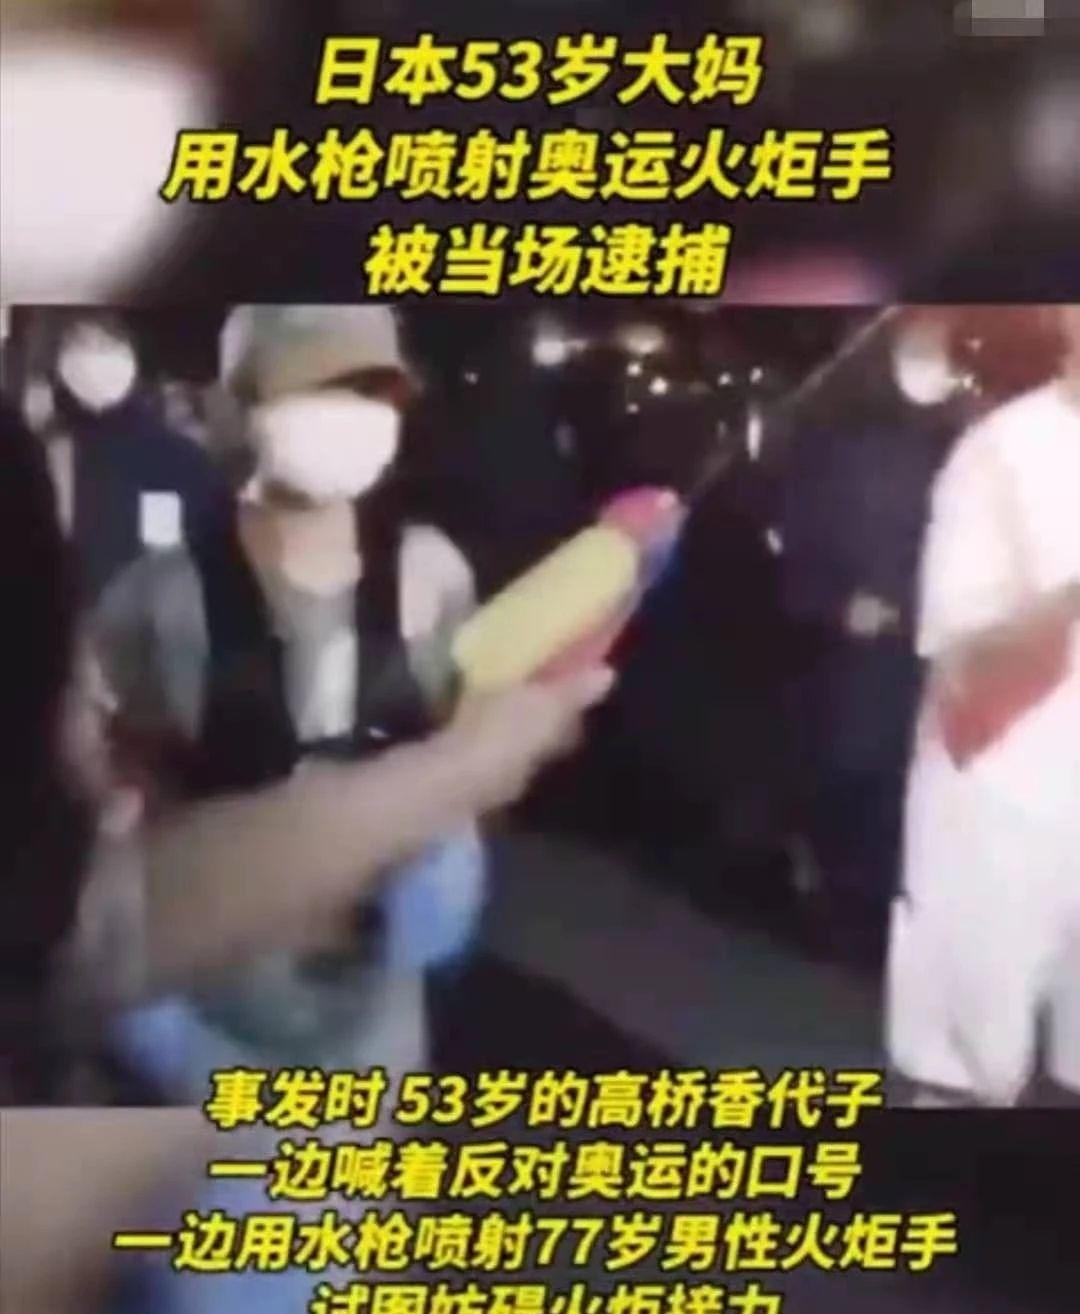 日本东京奥运会这些让世界都震惊的迷惑行为是怎么被想出来的呢? (8)